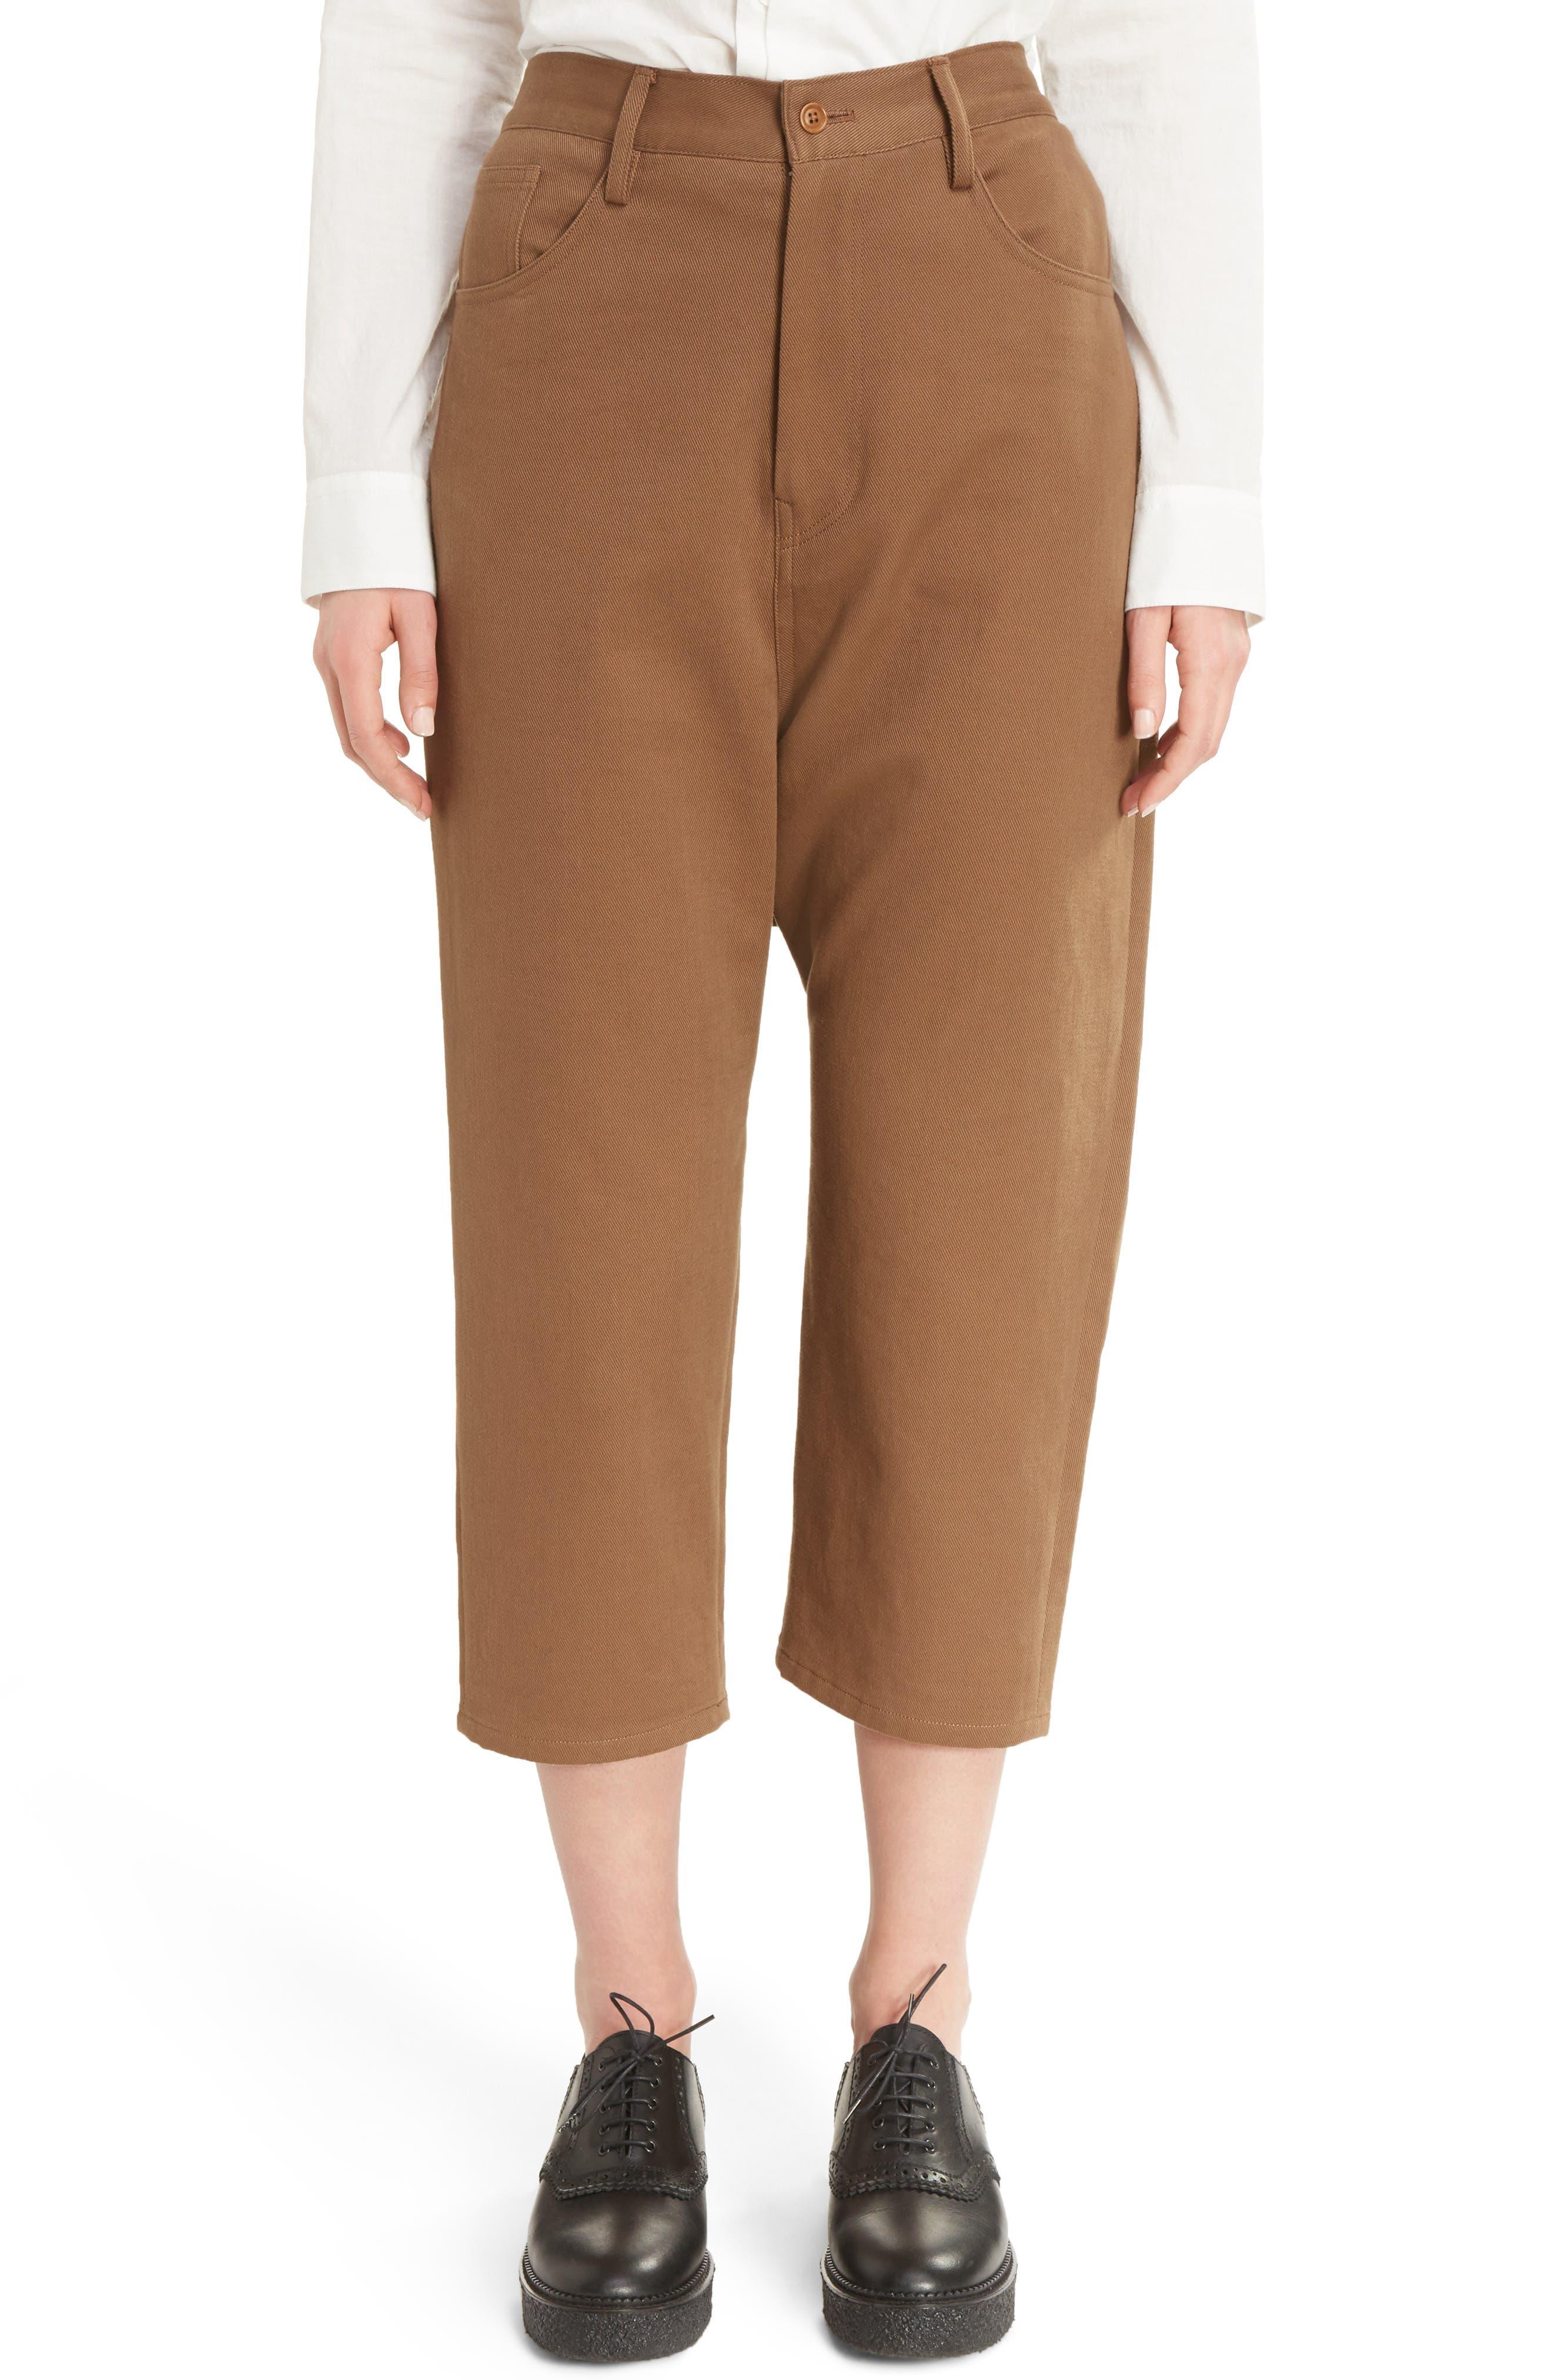 YS BY YOHJI YAMAMOTO U-Drop Crotch Pants